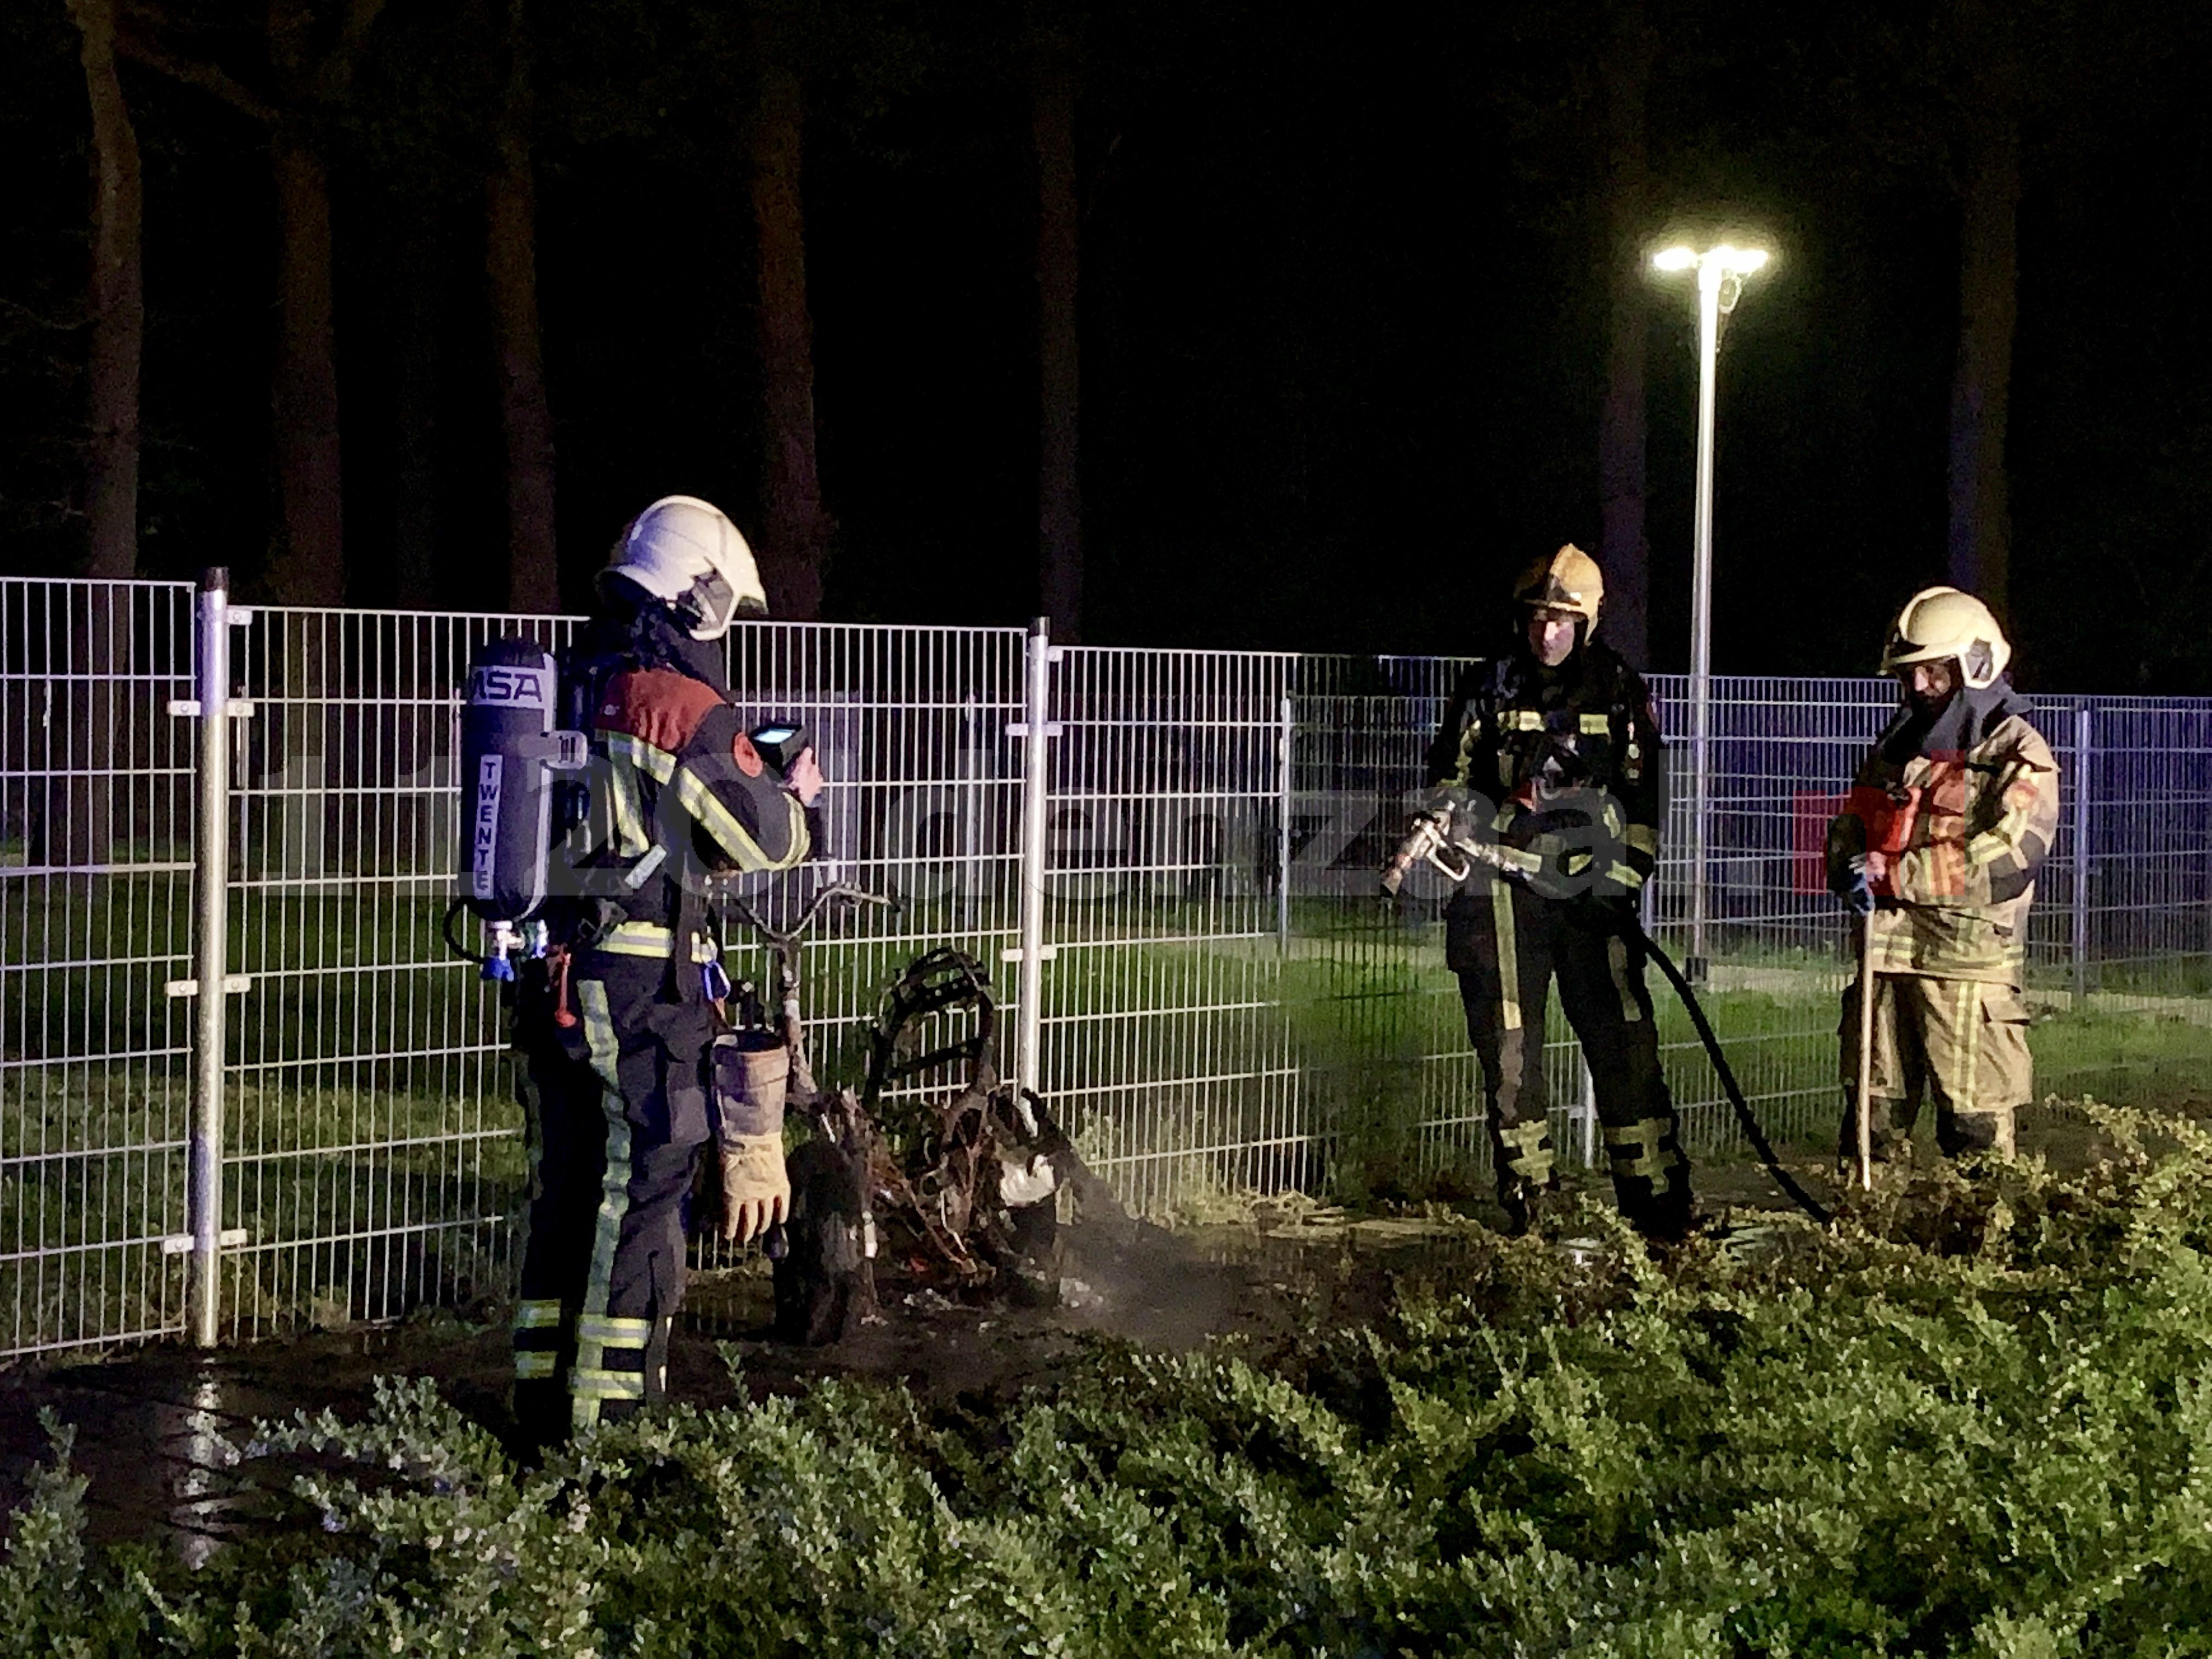 Bromfiets volledig uitgebrand in Saasveld